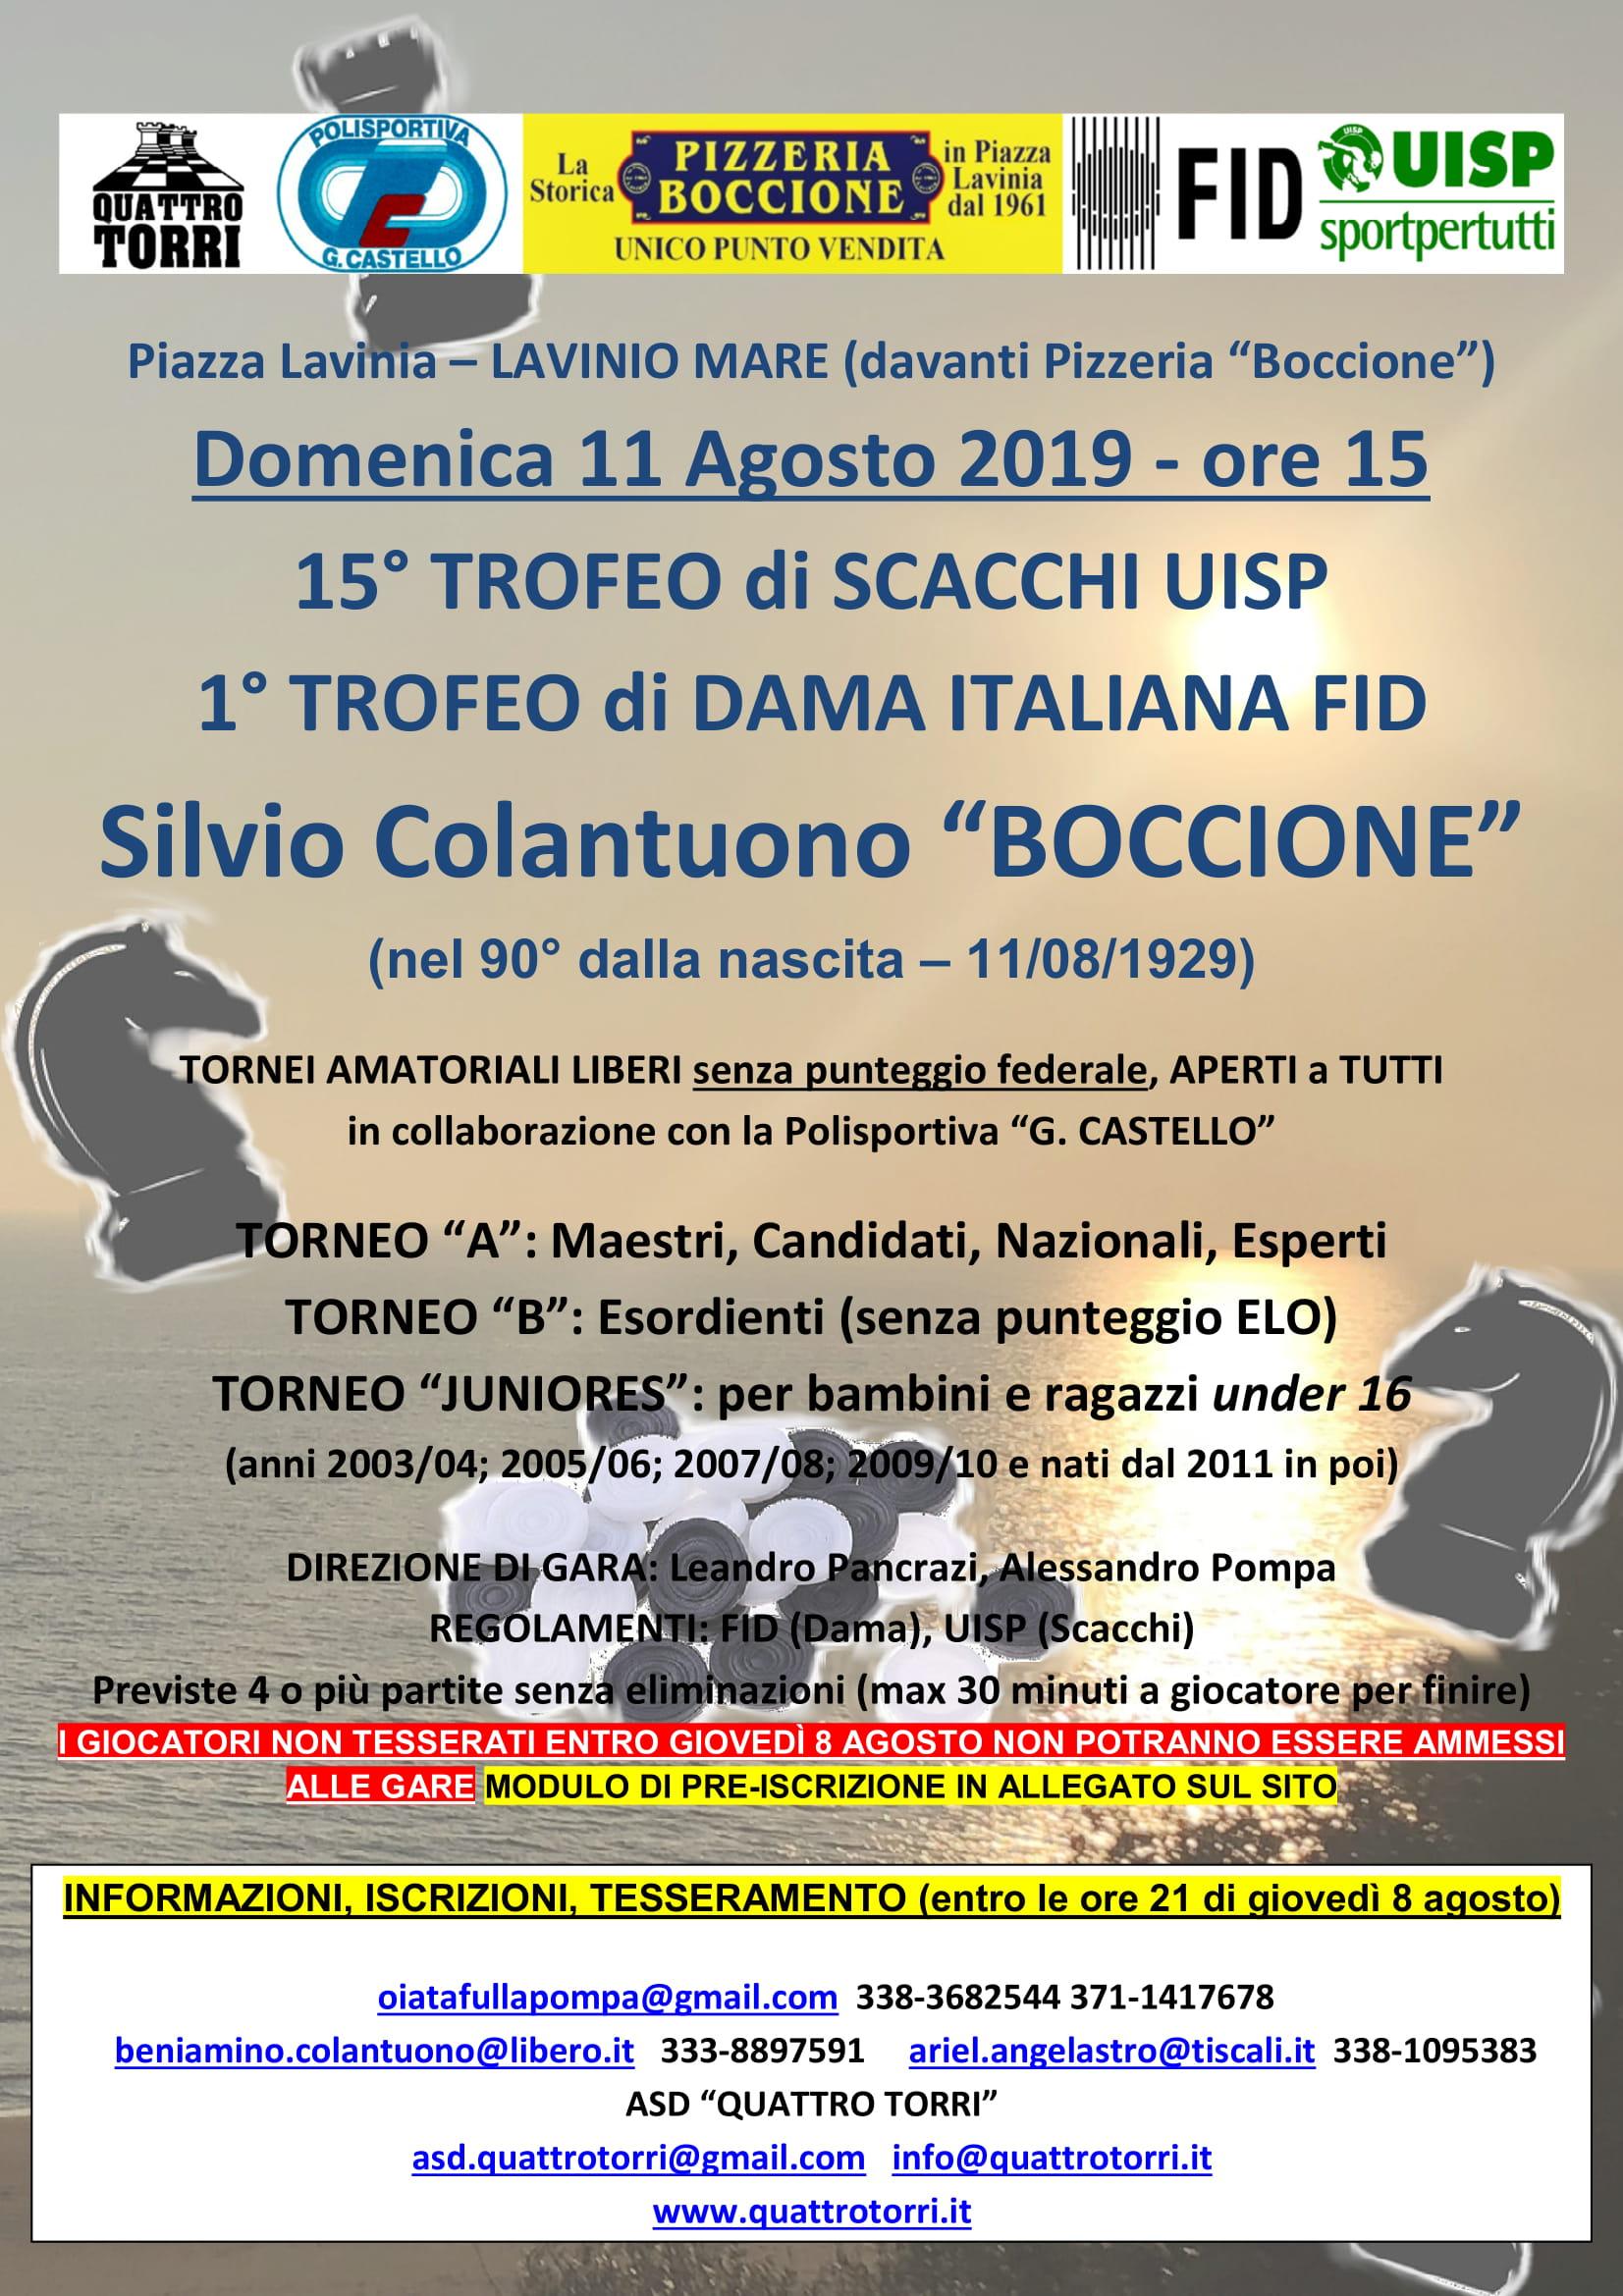 Calendario Tornei Scacchi.Asd Quattro Torri Pol G Castello Tornei